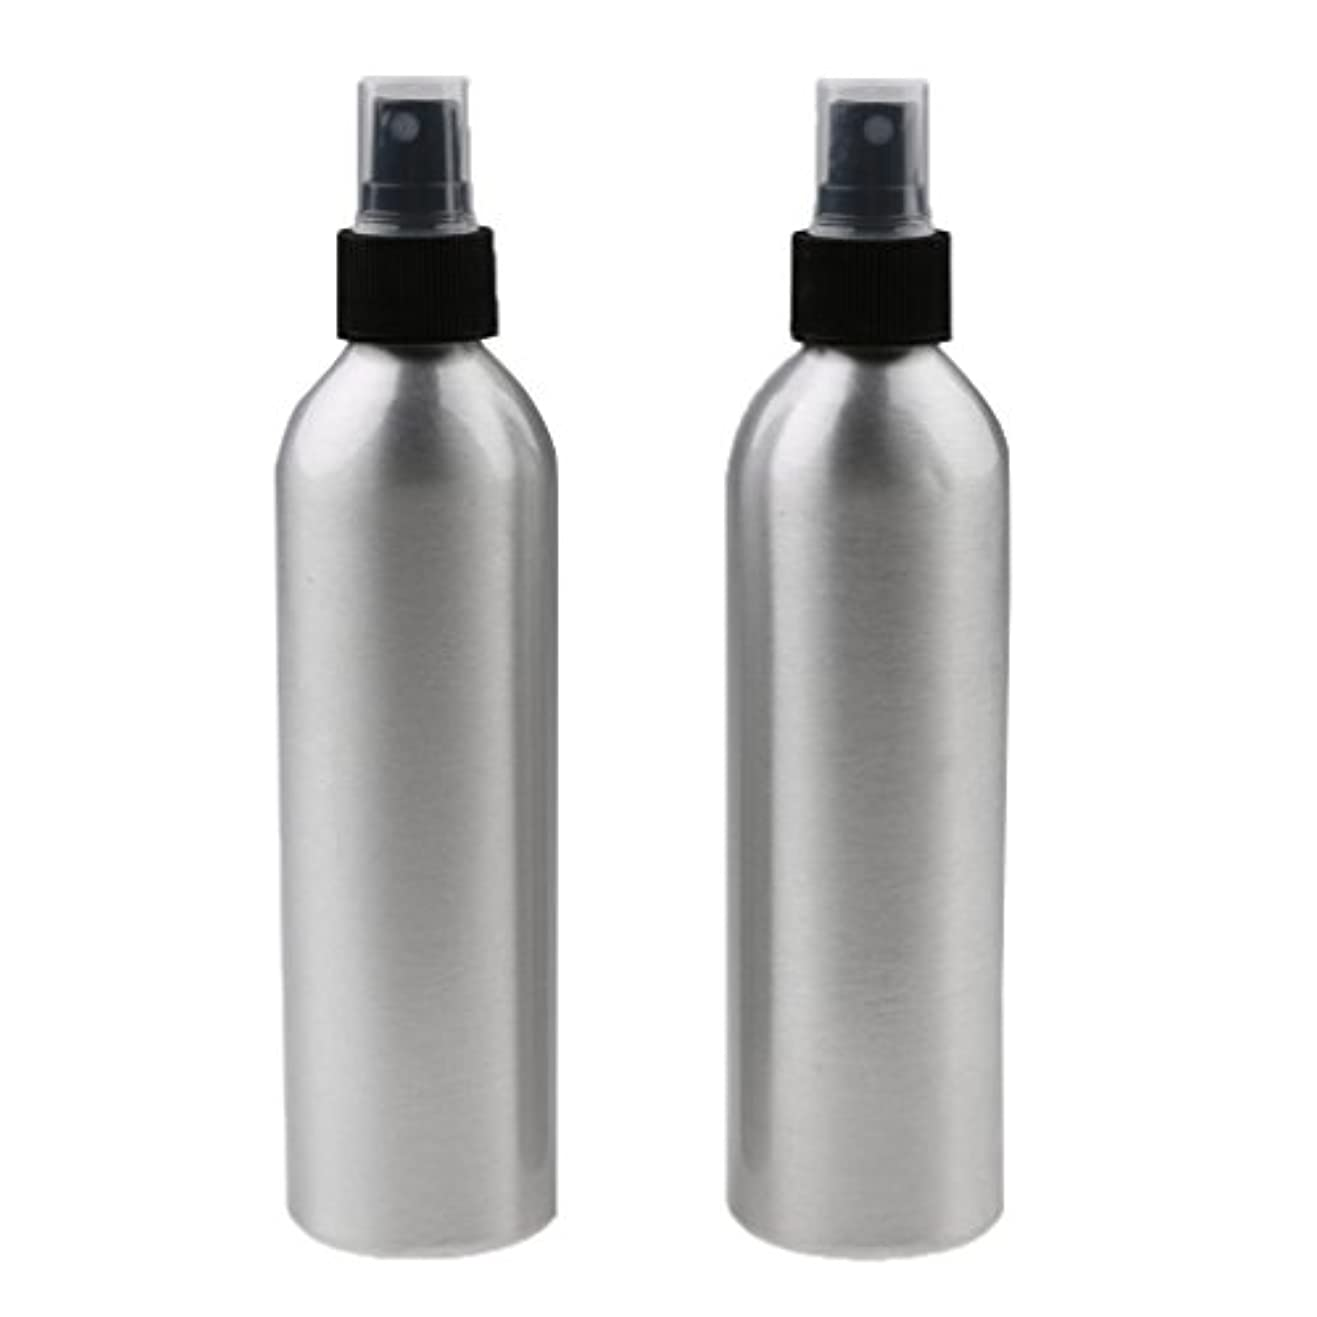 抽象化接地招待Kesoto 2個入り 旅行 アルミ ミスト スプレー 香水ボトル メイクアップ スプレー アトマイザー 女性用 美容 小物 軽量 持ち運び便利 全4サイズ - 100ml